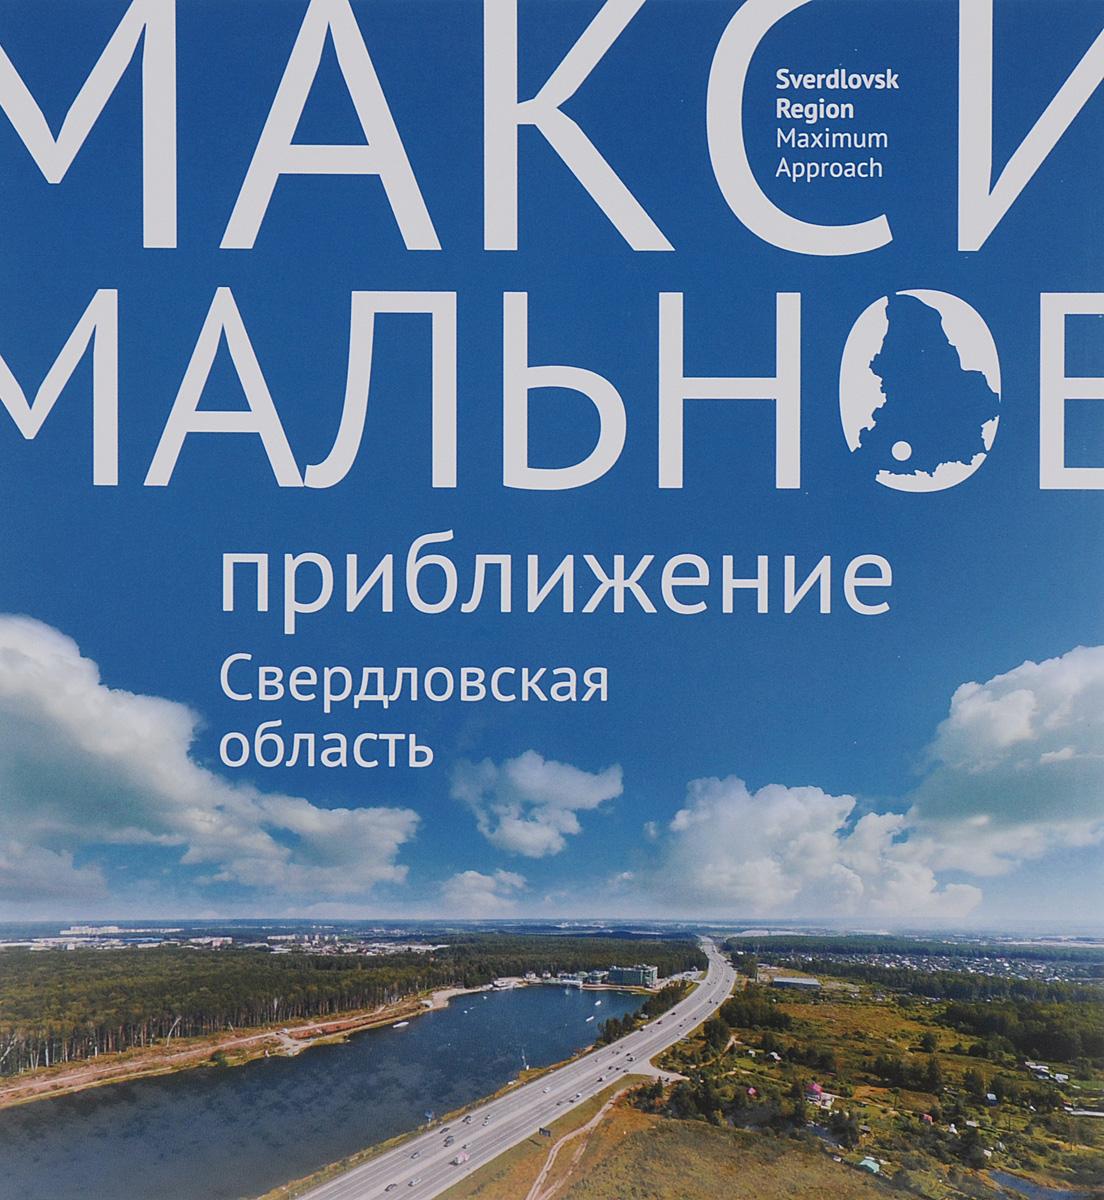 Светлана Логинова Свердловская область. Максимальное приближение / Sverdlovsk Region: Maximum Approach